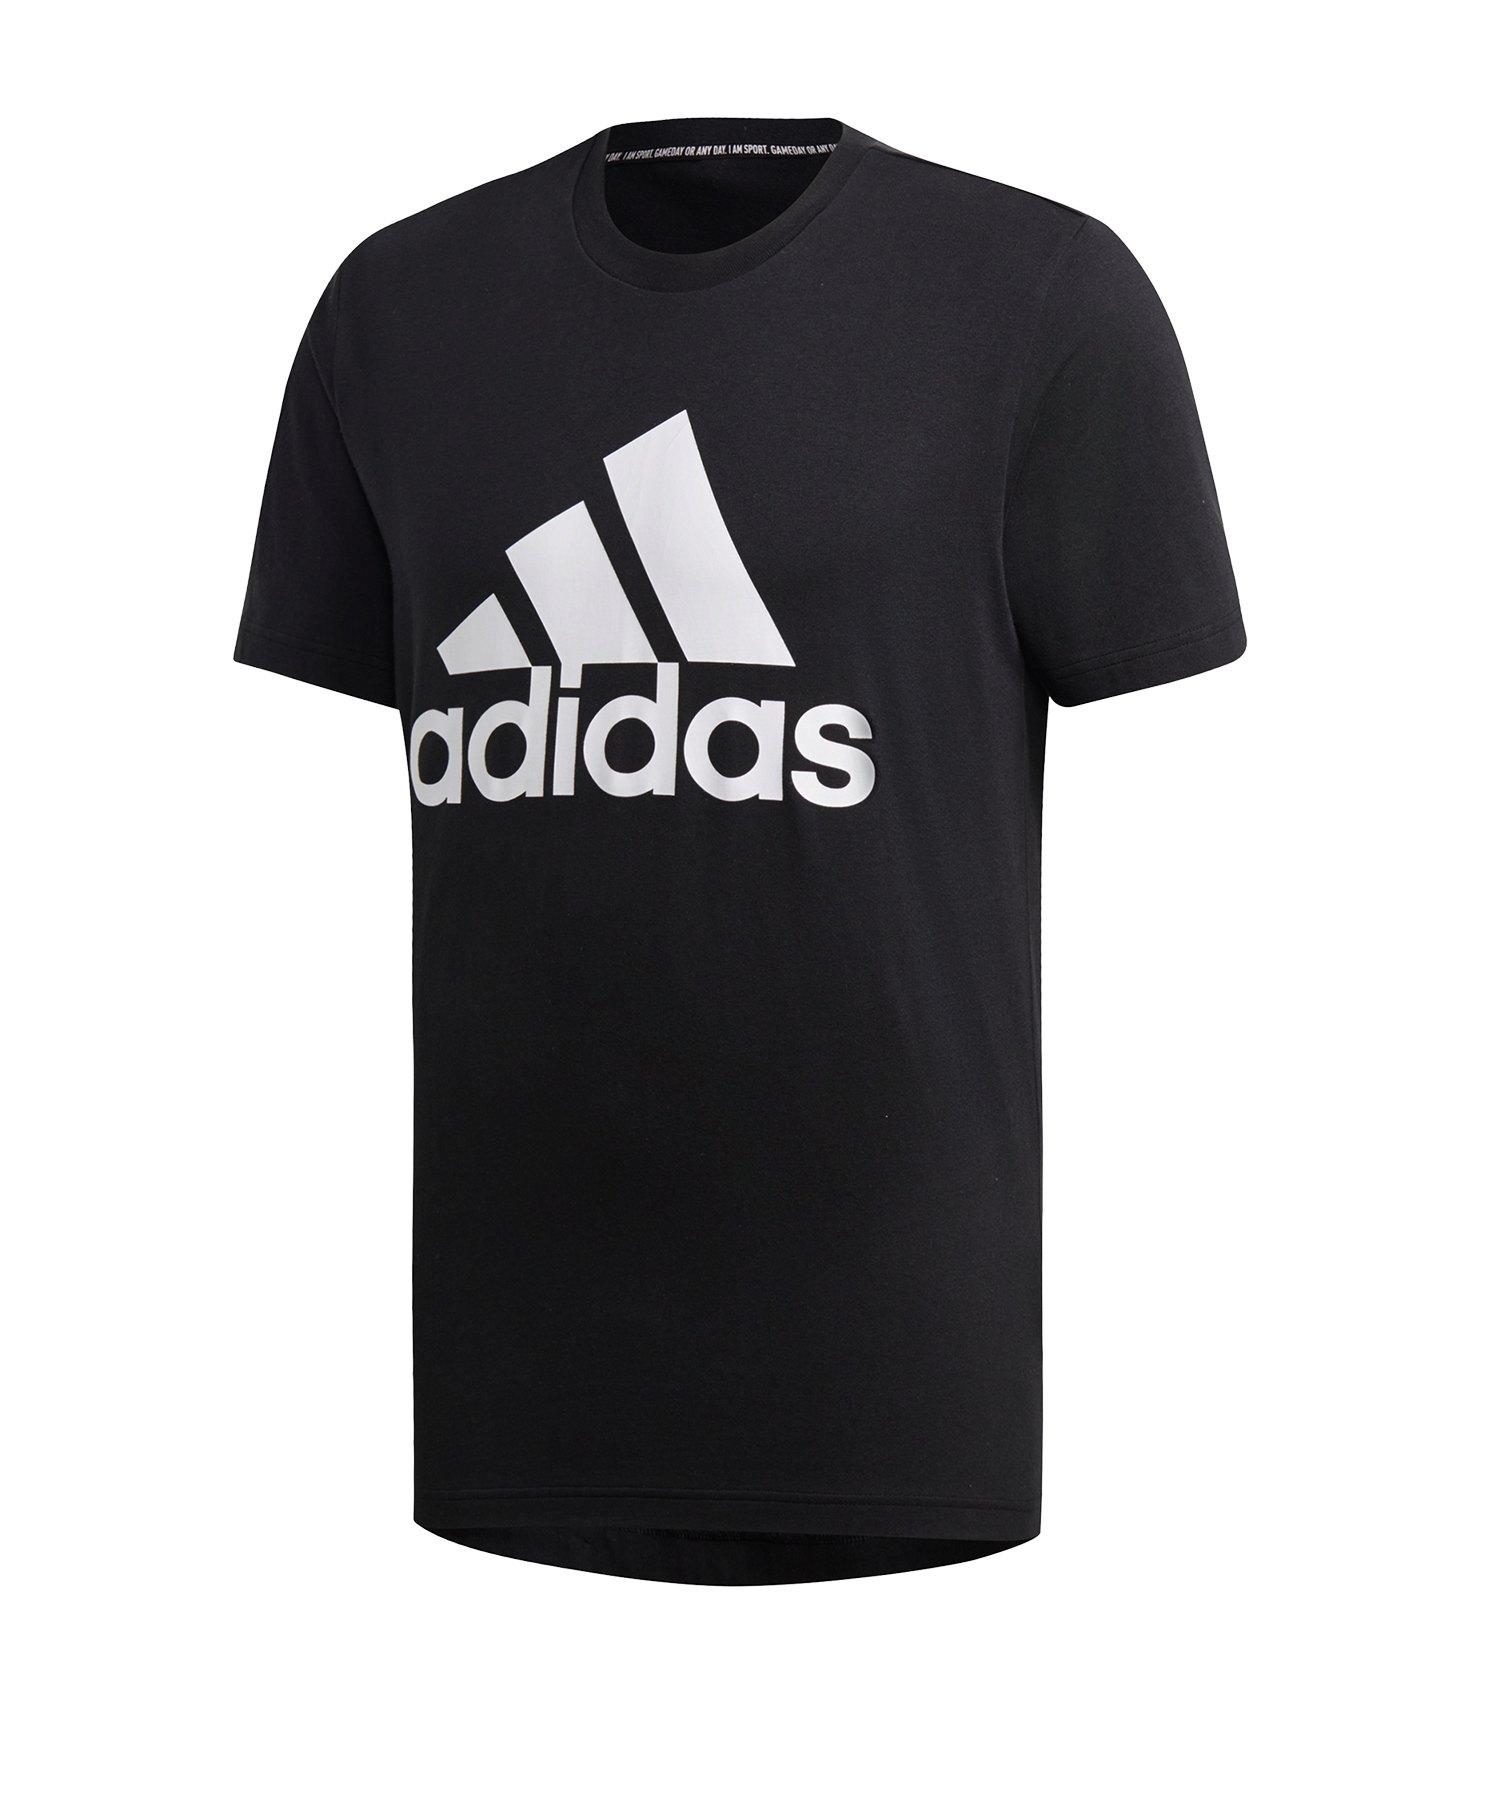 adidas Badge of Sport T-Shirt Schwarz Weiss - schwarz